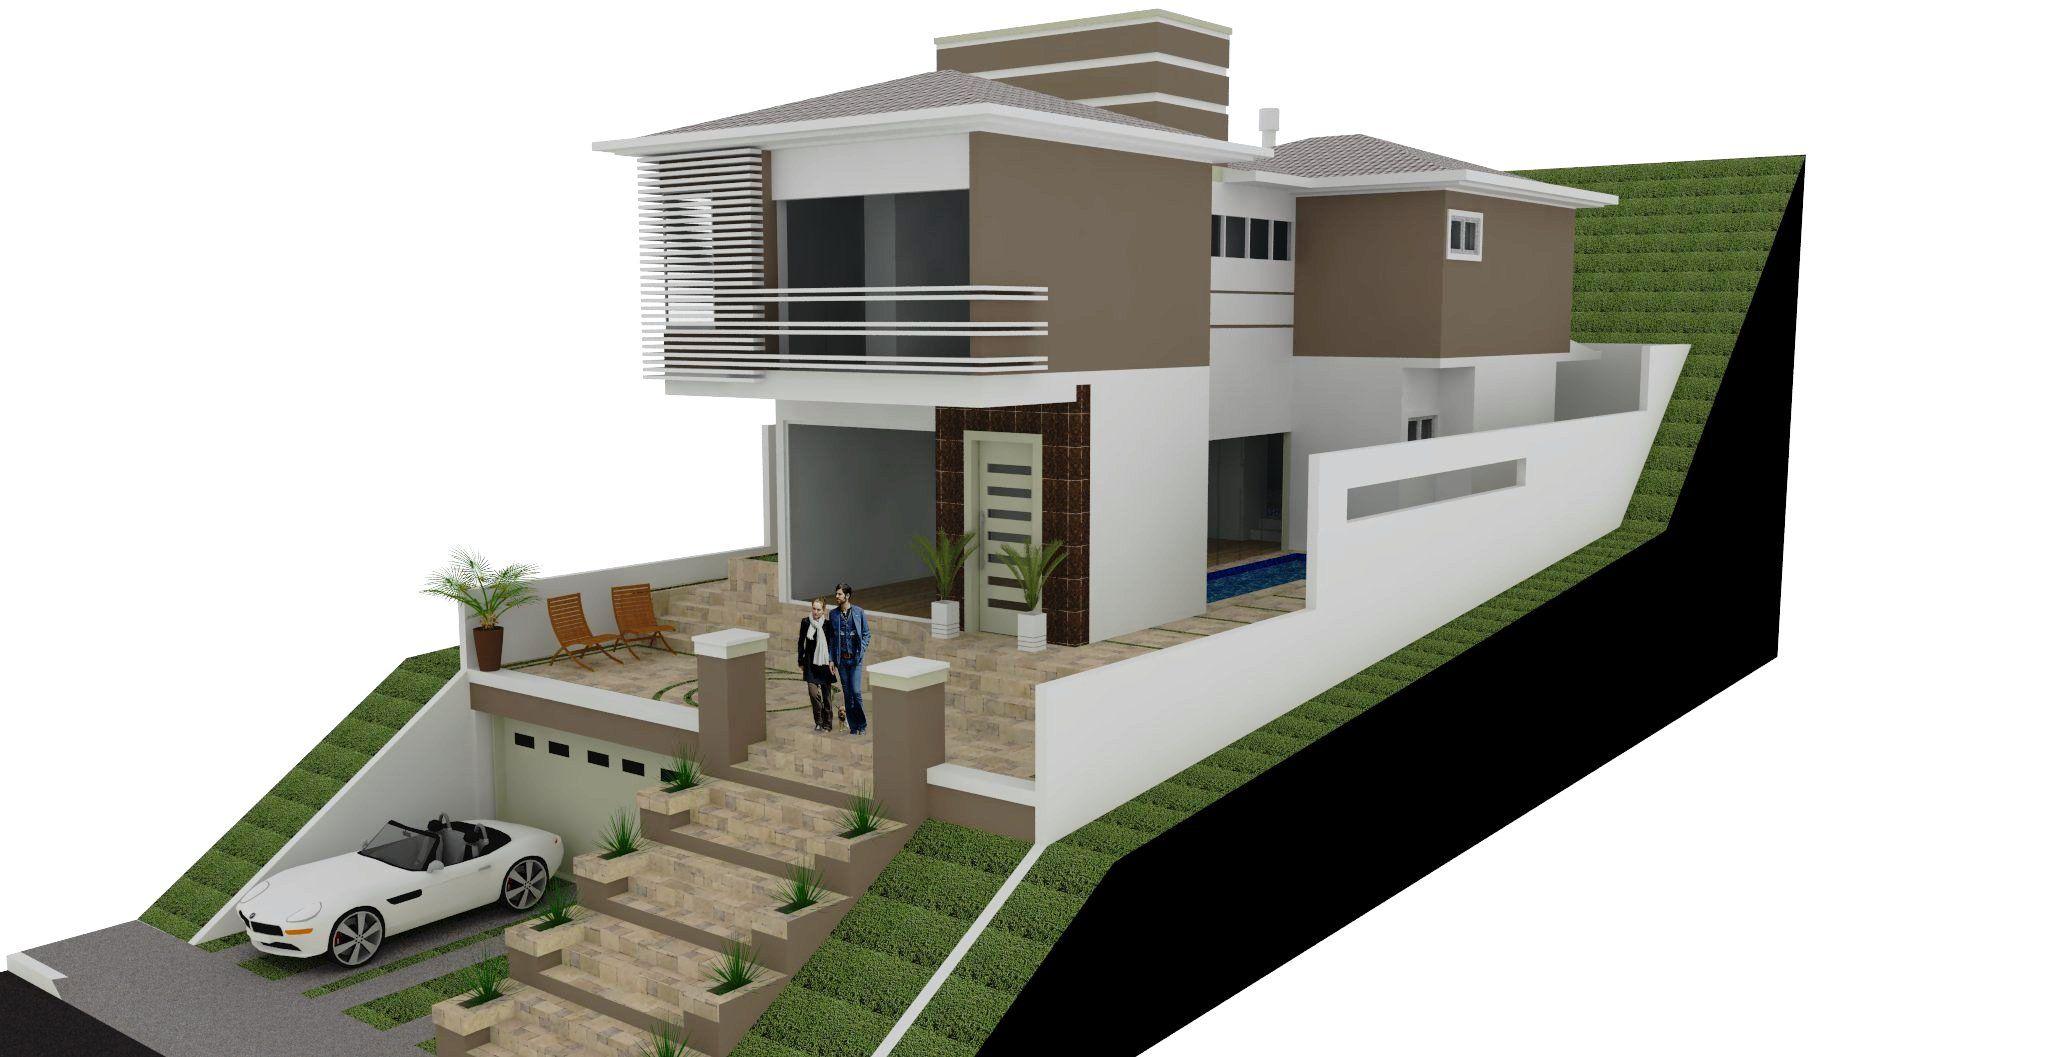 Guilherme site 2 048 1 057 p xeles casa - Casa con terreno murcia ...